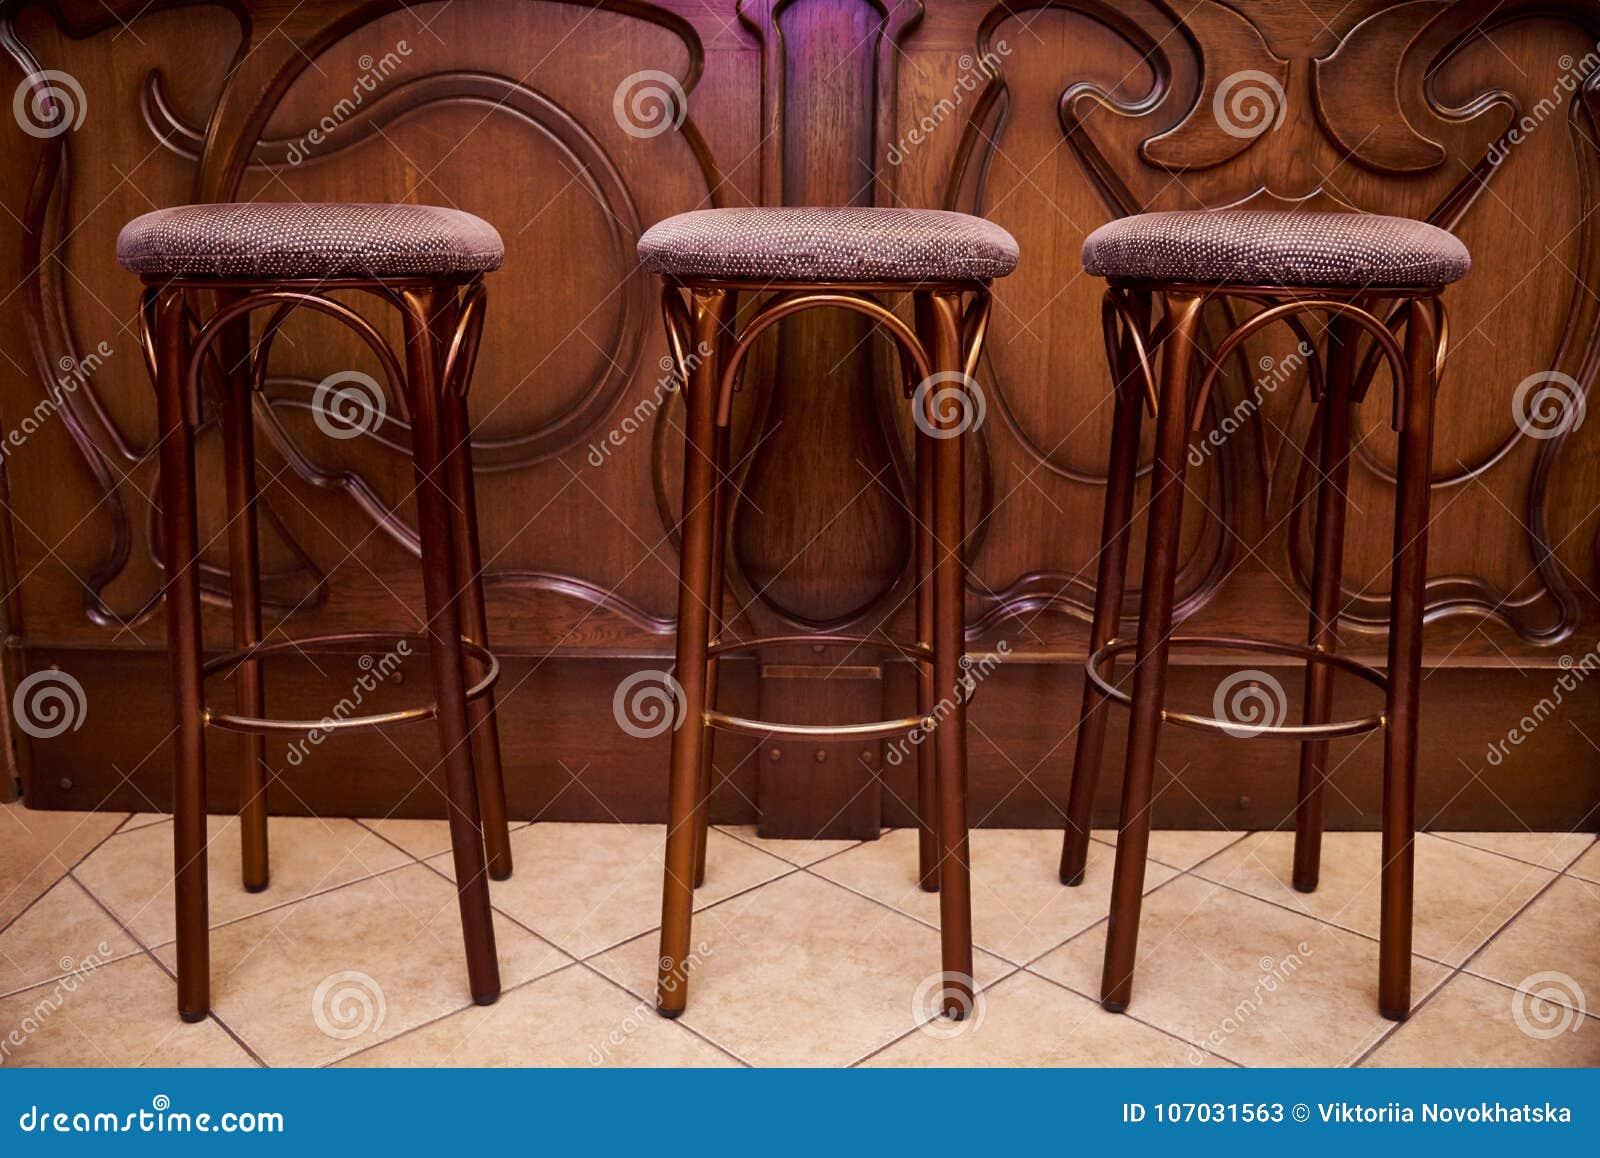 Alti sgabelli da bar di legno immagine stock immagine di lusso